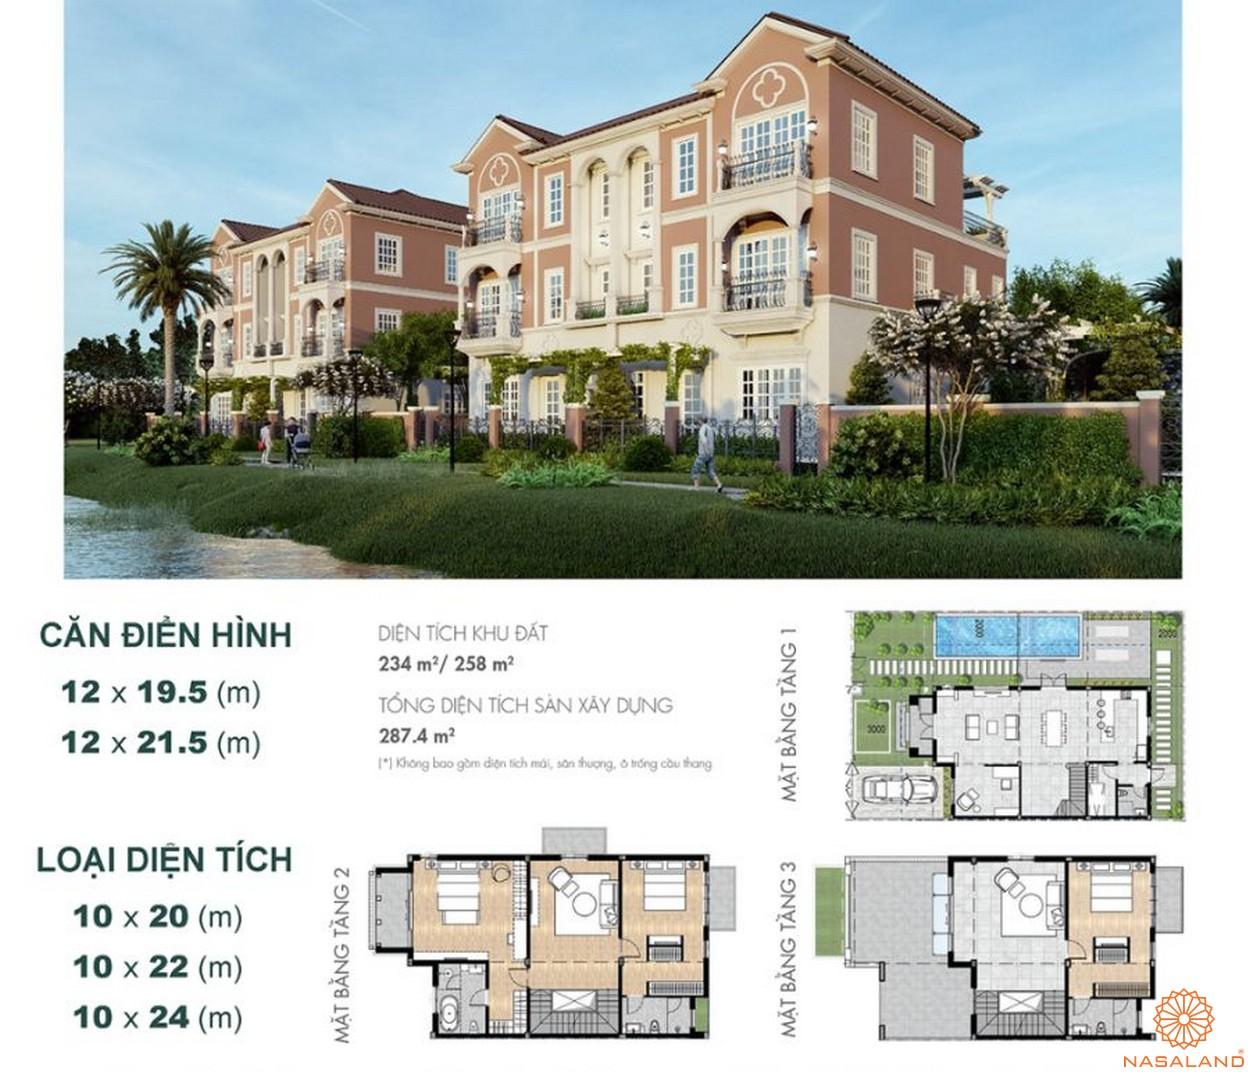 Thiết kế dự án biệt thự Aqua City Đảo Phượng Hoàng Đồng Nai - biệt thự song lập